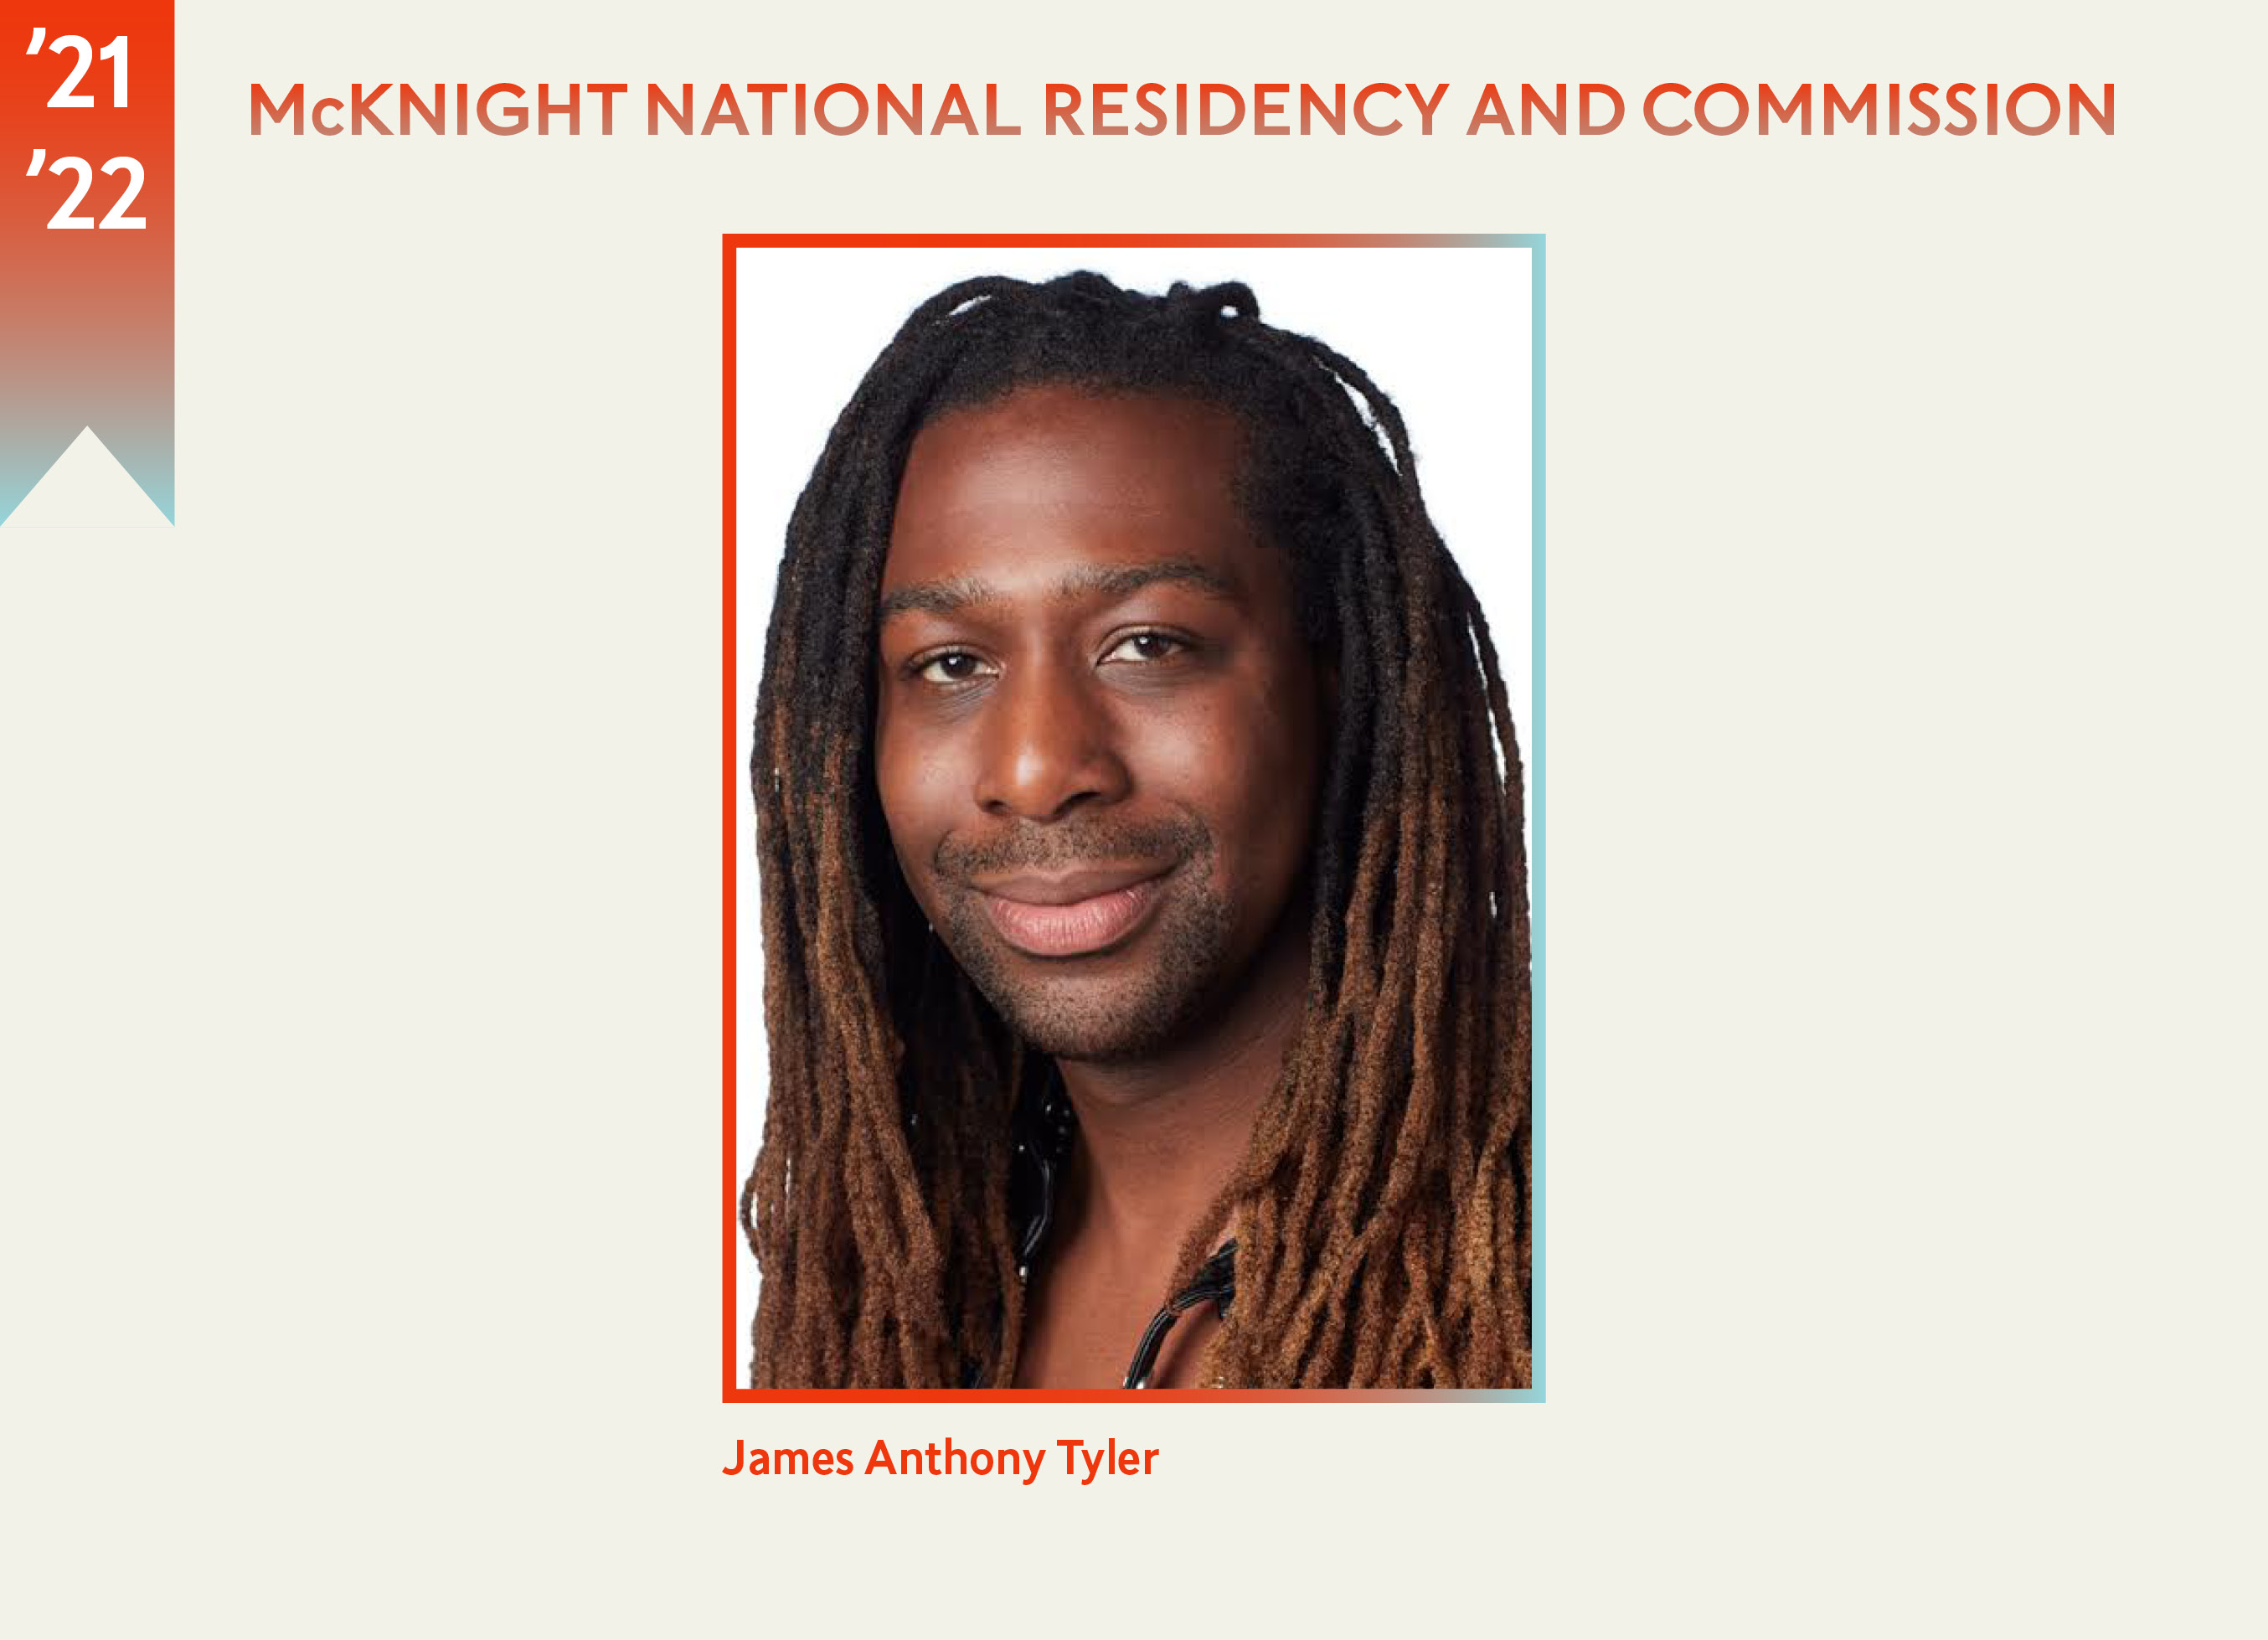 The headshot of James Anthony Tyler